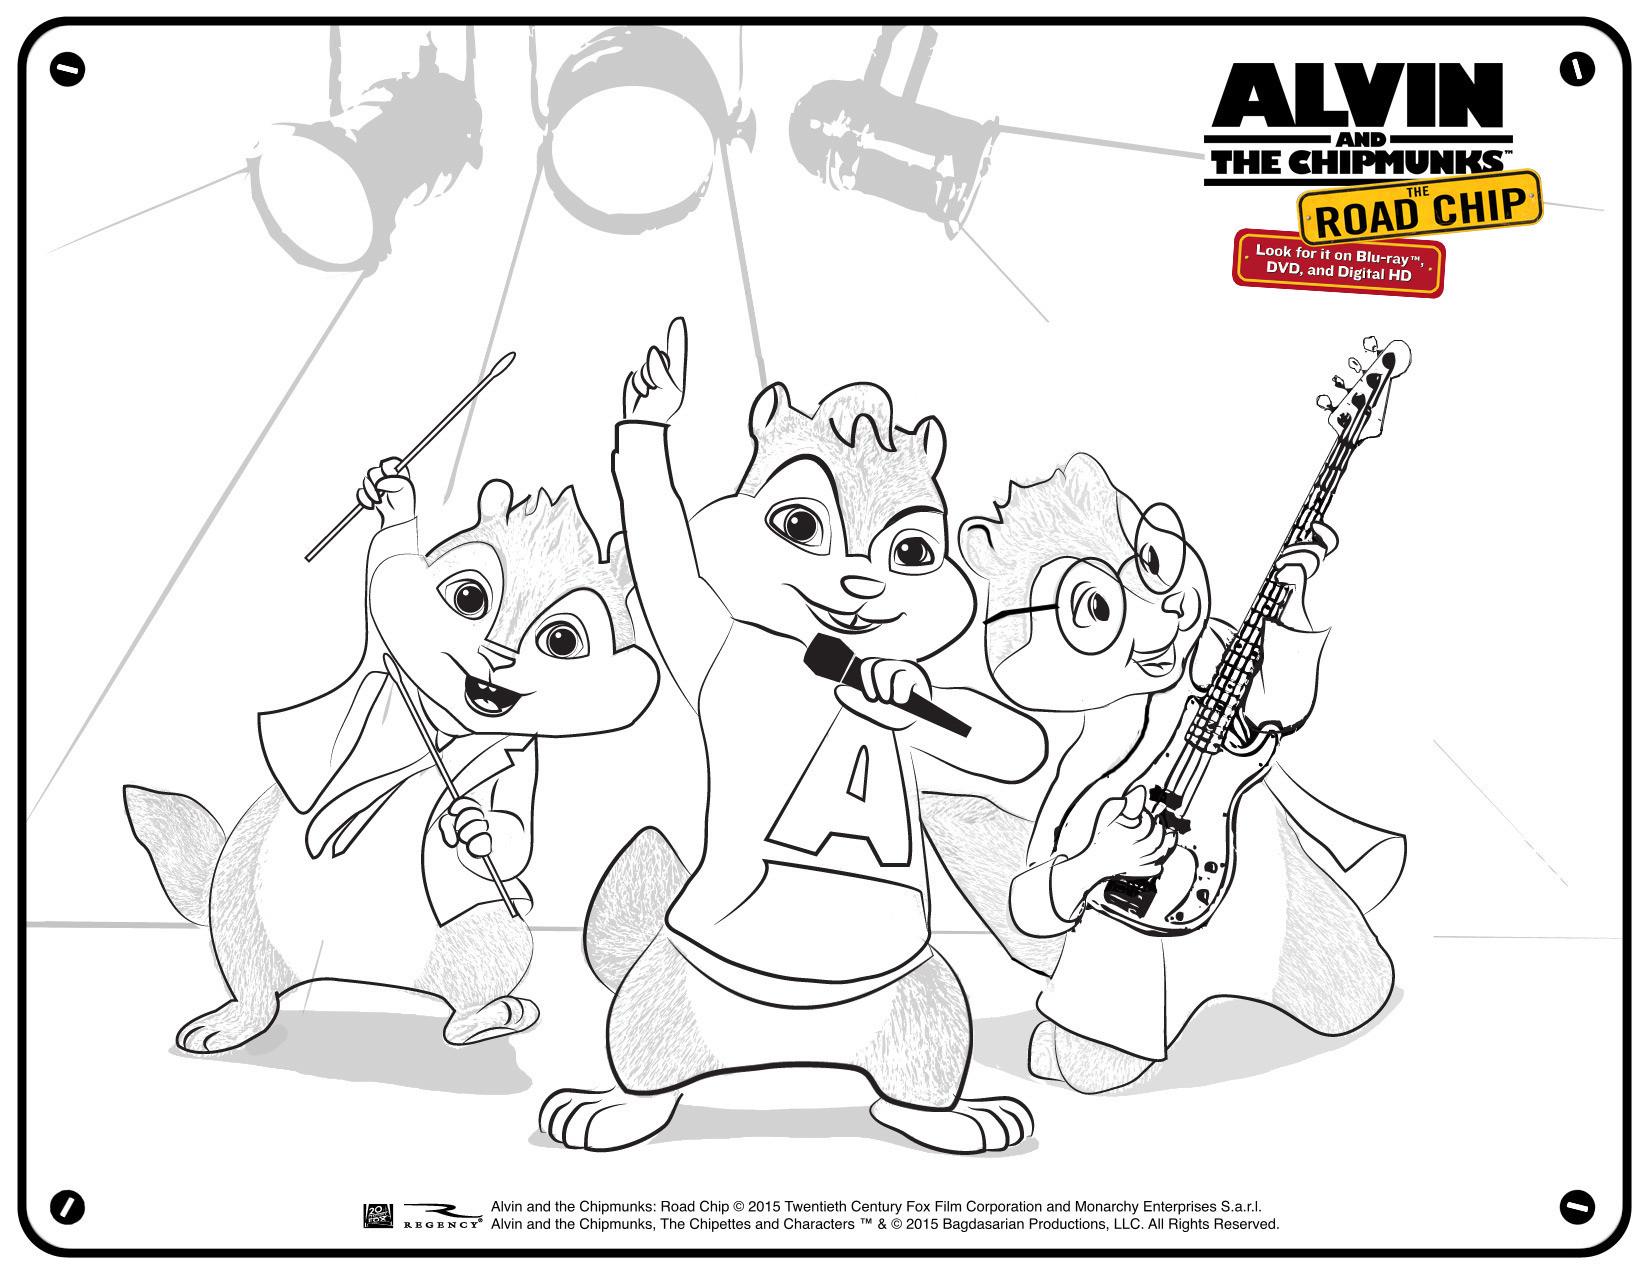 Alvin Und Die Chipmunks Ausmalbilder Genial Alvin and the Chipmunks Coloring Pages Yintan Frisch Ausmalbilder Fotos